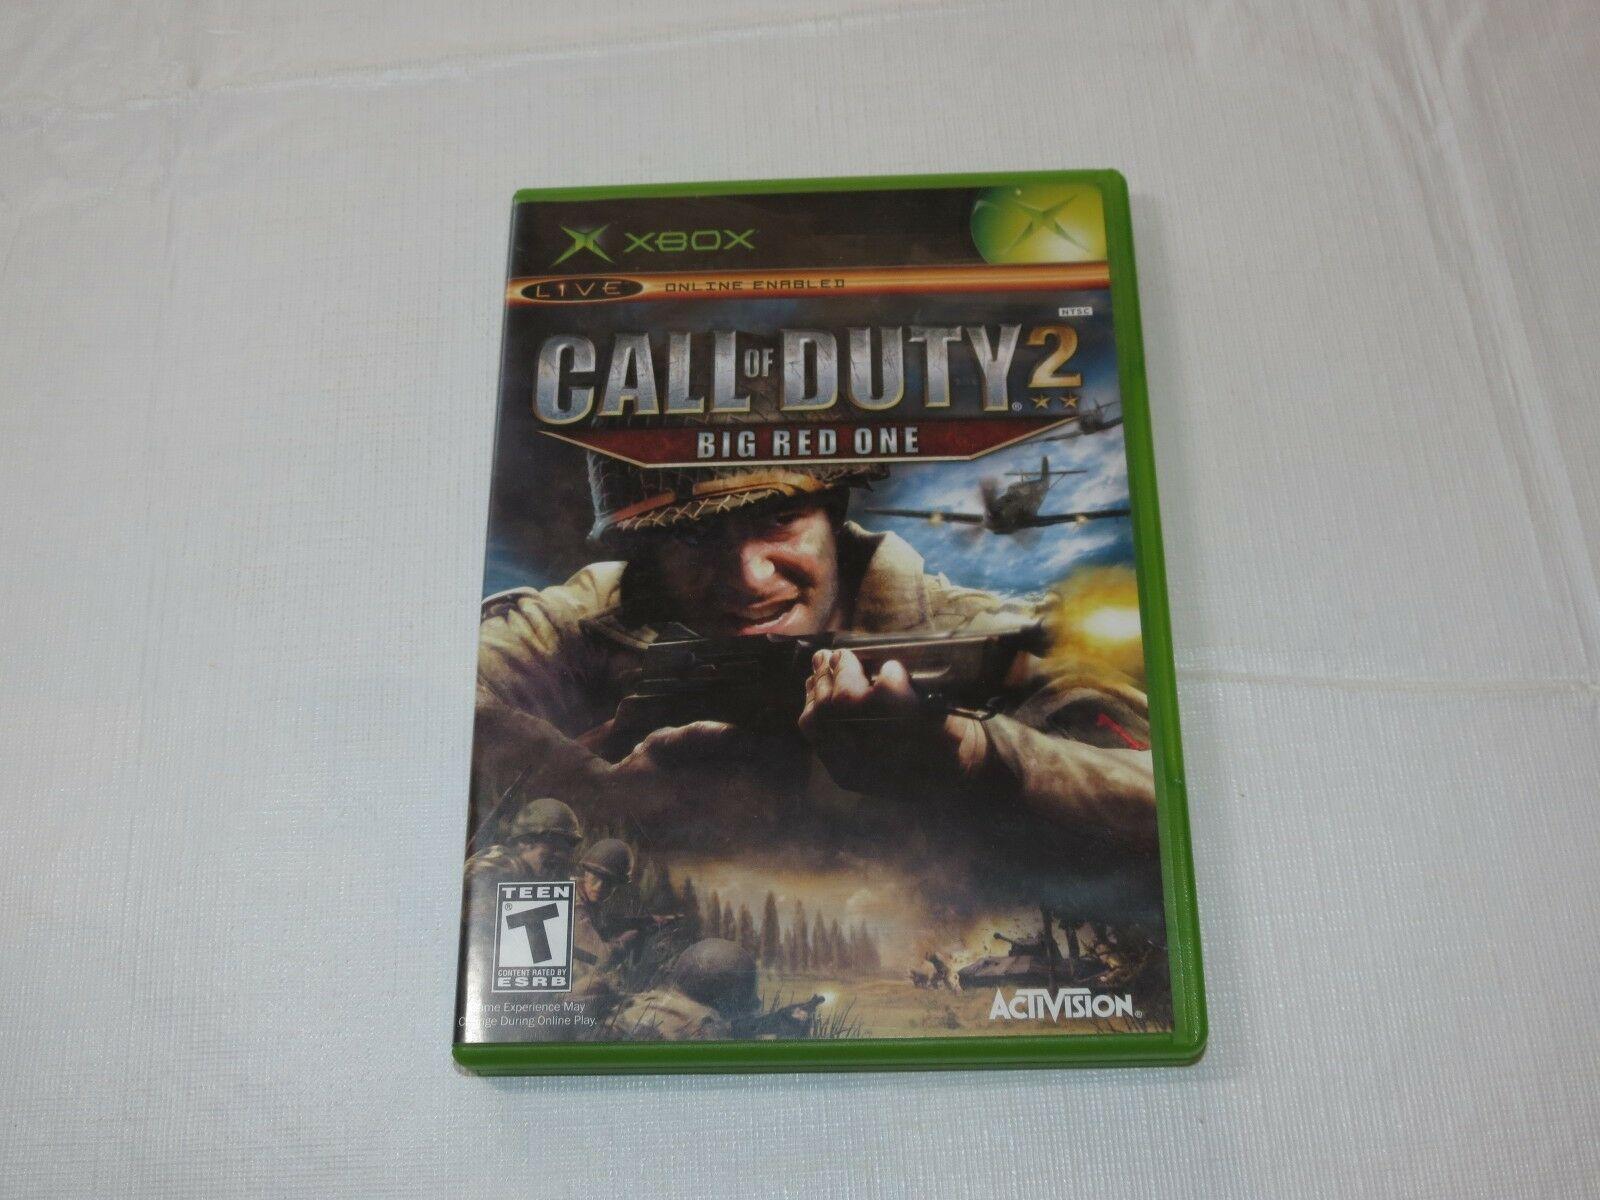 Call Of Duty 2: Grande Rosso uno Microsoft Xbox 2005 T-Teen Sparatutto Usato